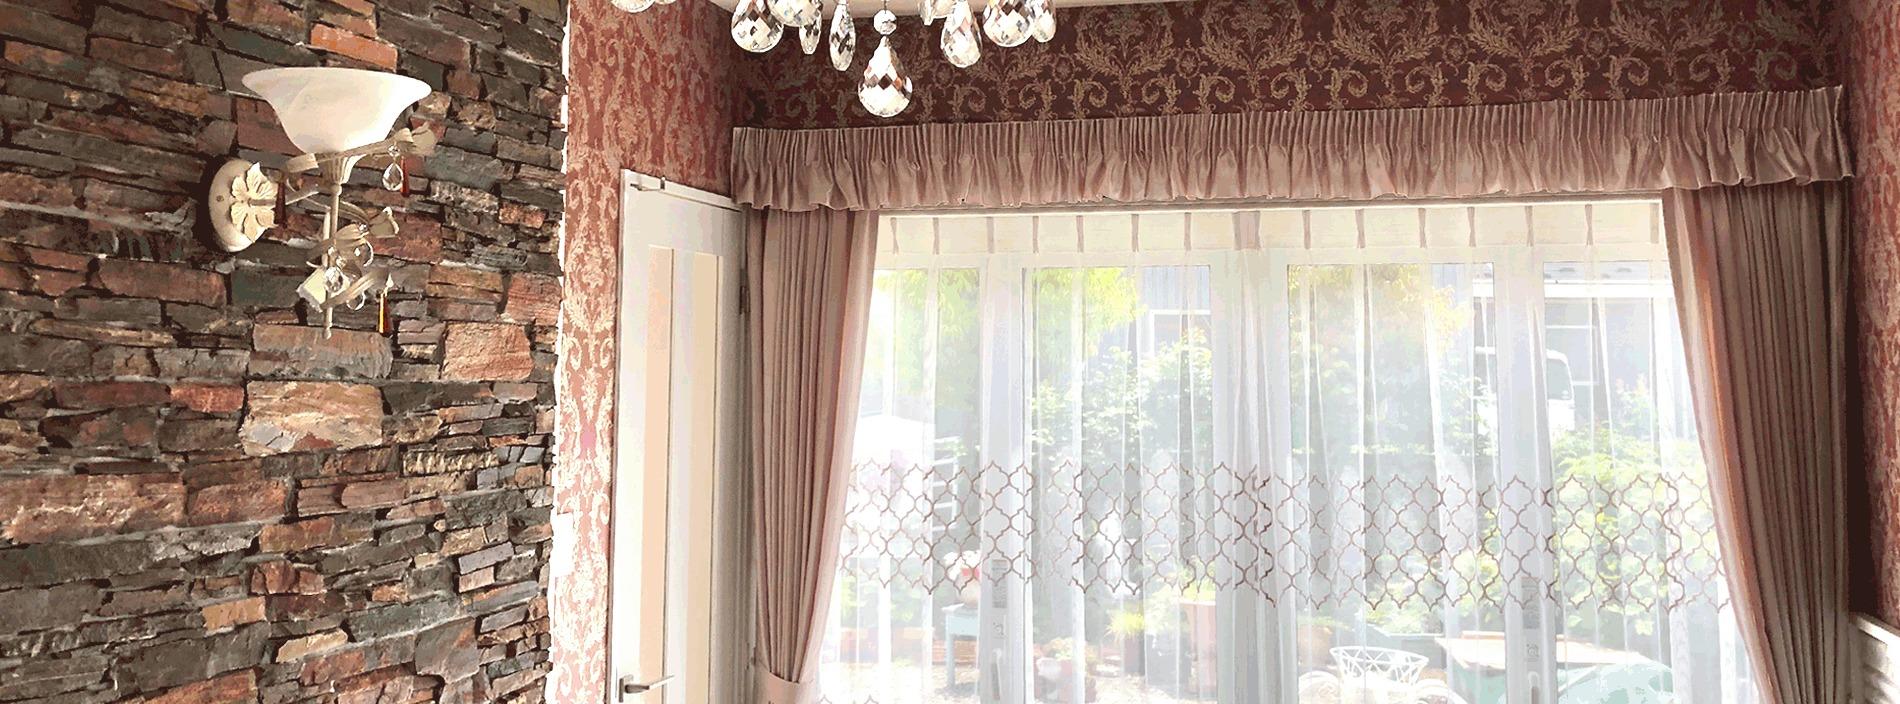 オーダーメイドカーテン専門店